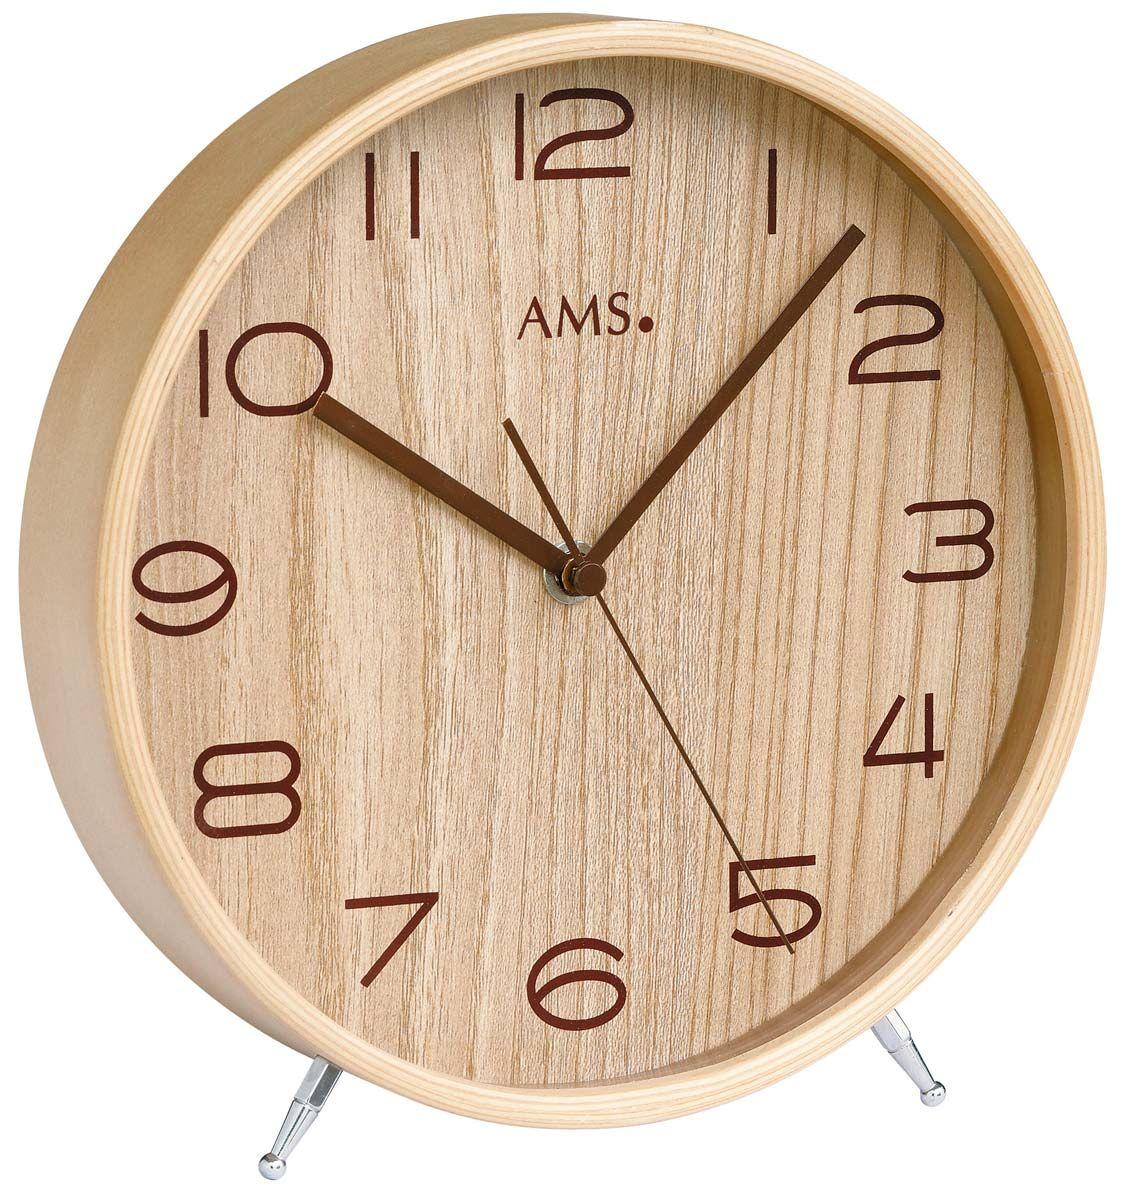 Stolní hodiny dřevěné ams 5118 rádiem řízený čas béžová